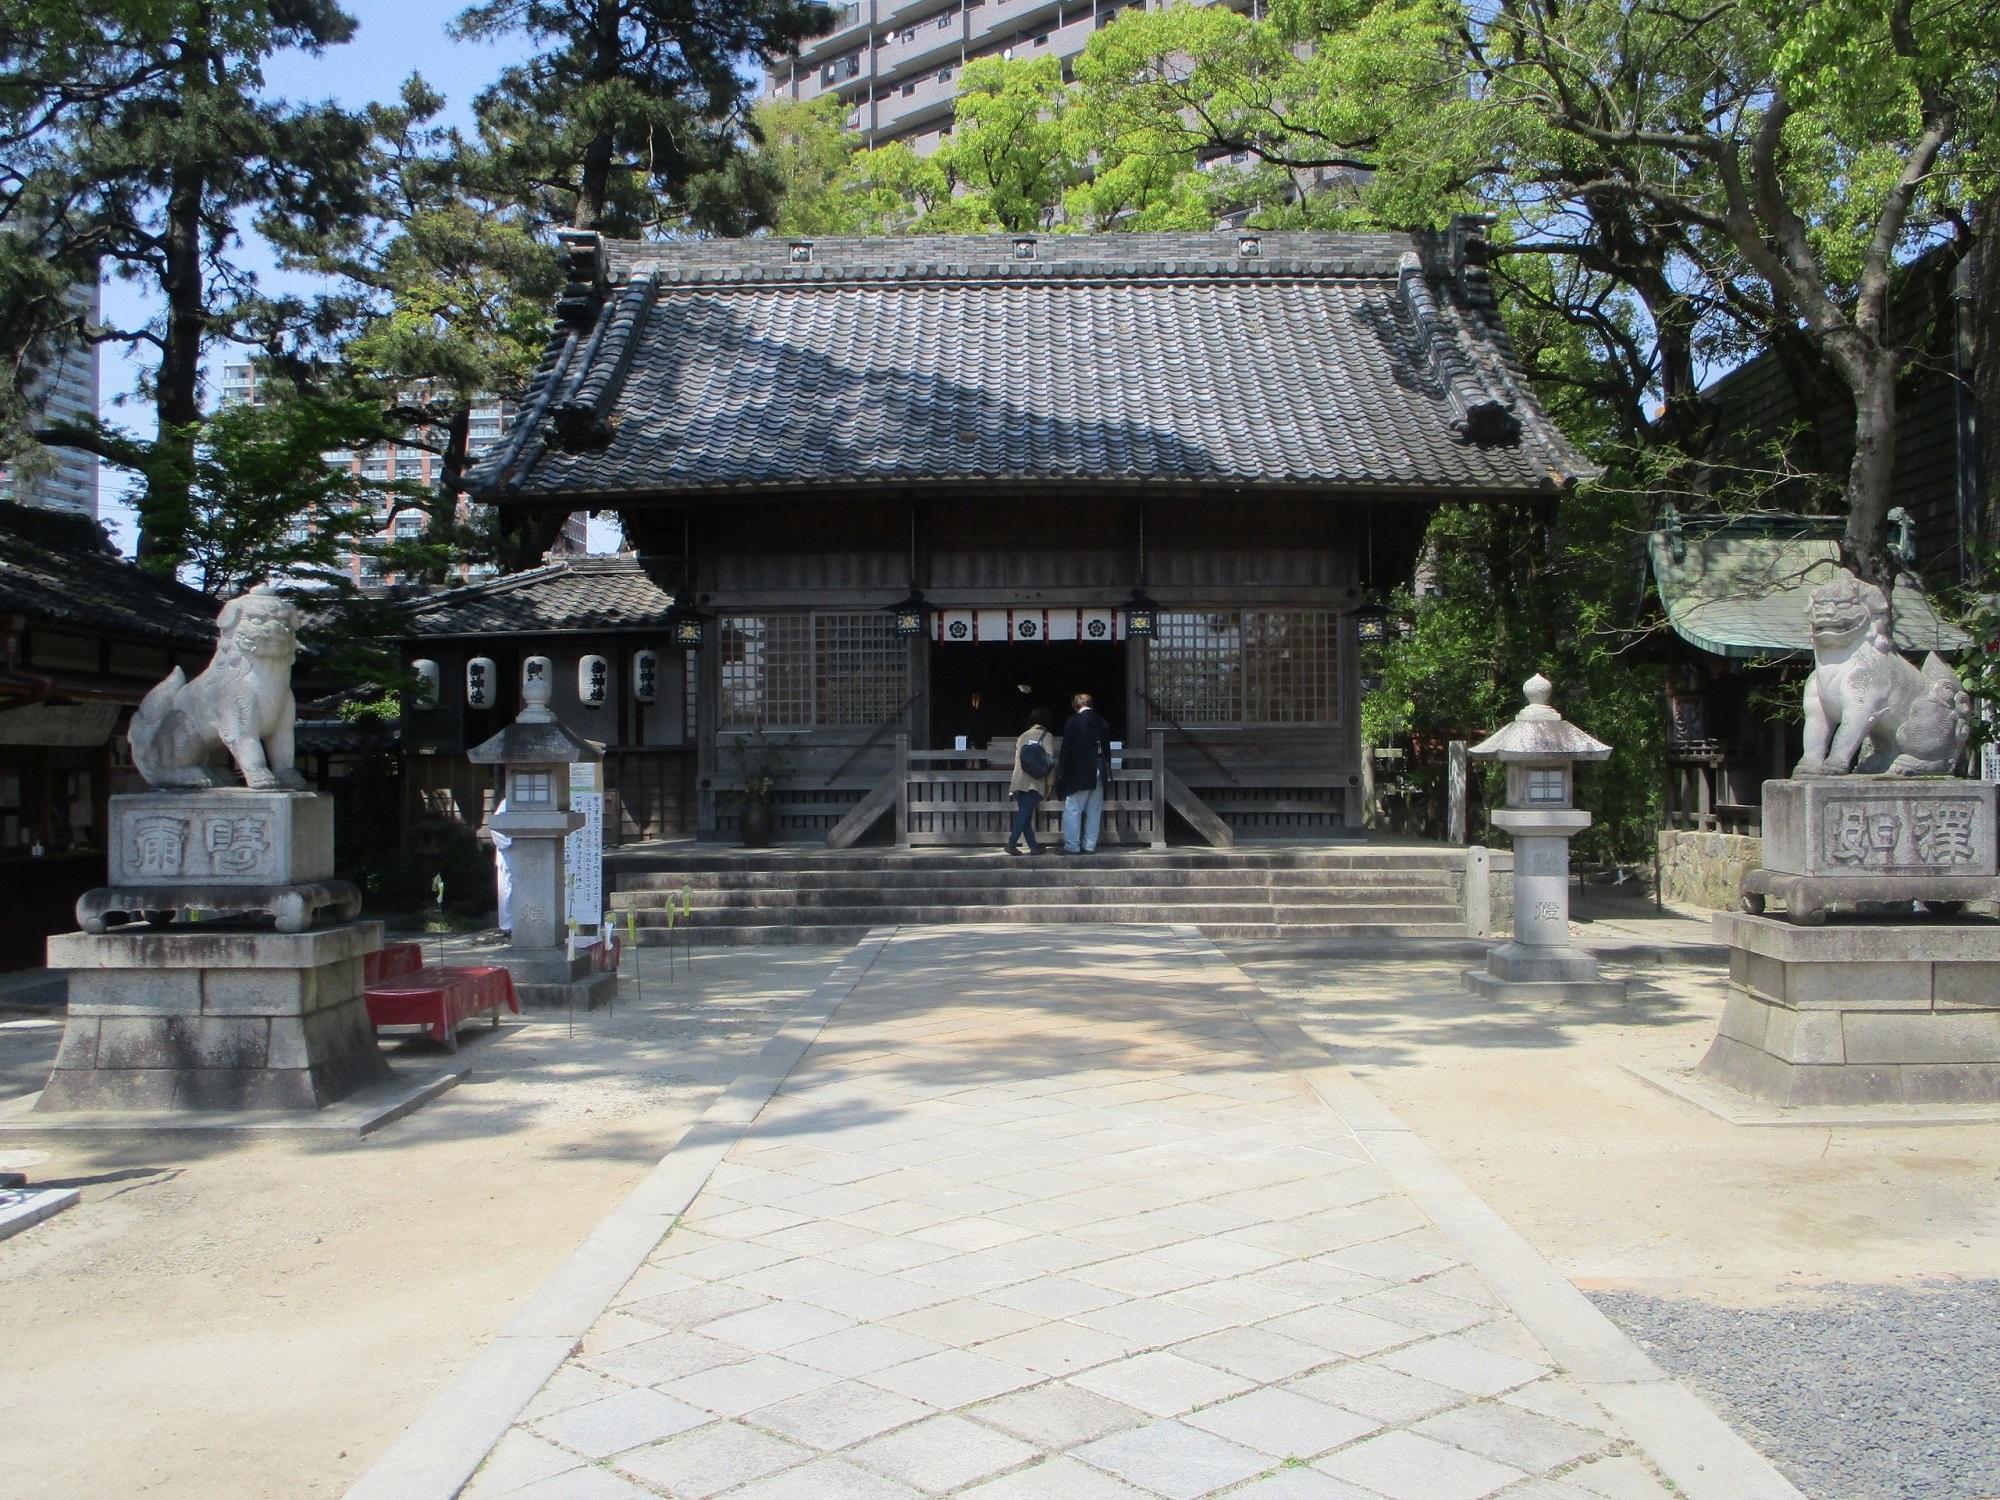 2020.4.29 (7) 菅生神社 - 拝殿 2000-1500